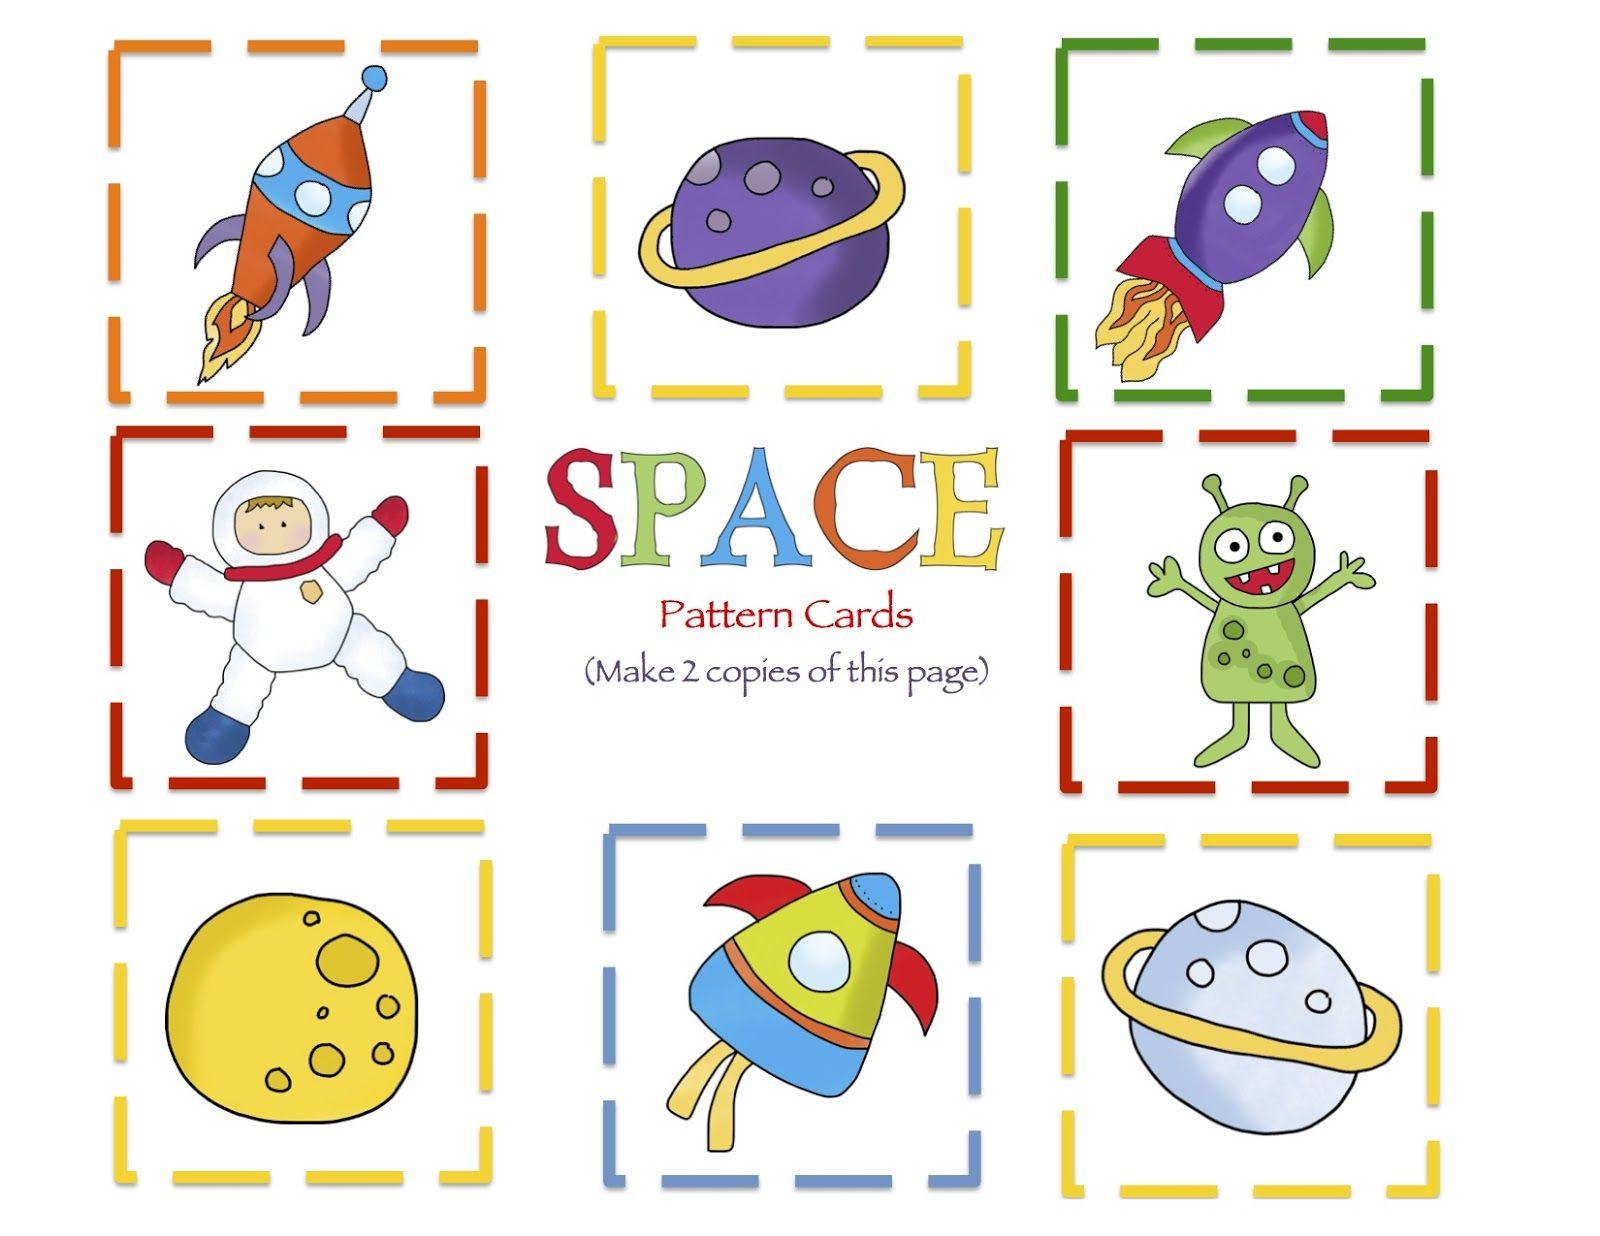 Preschool Printables Space Rocket Printable Space Activities Preschool Printables Space Preschool [ 1236 x 1600 Pixel ]